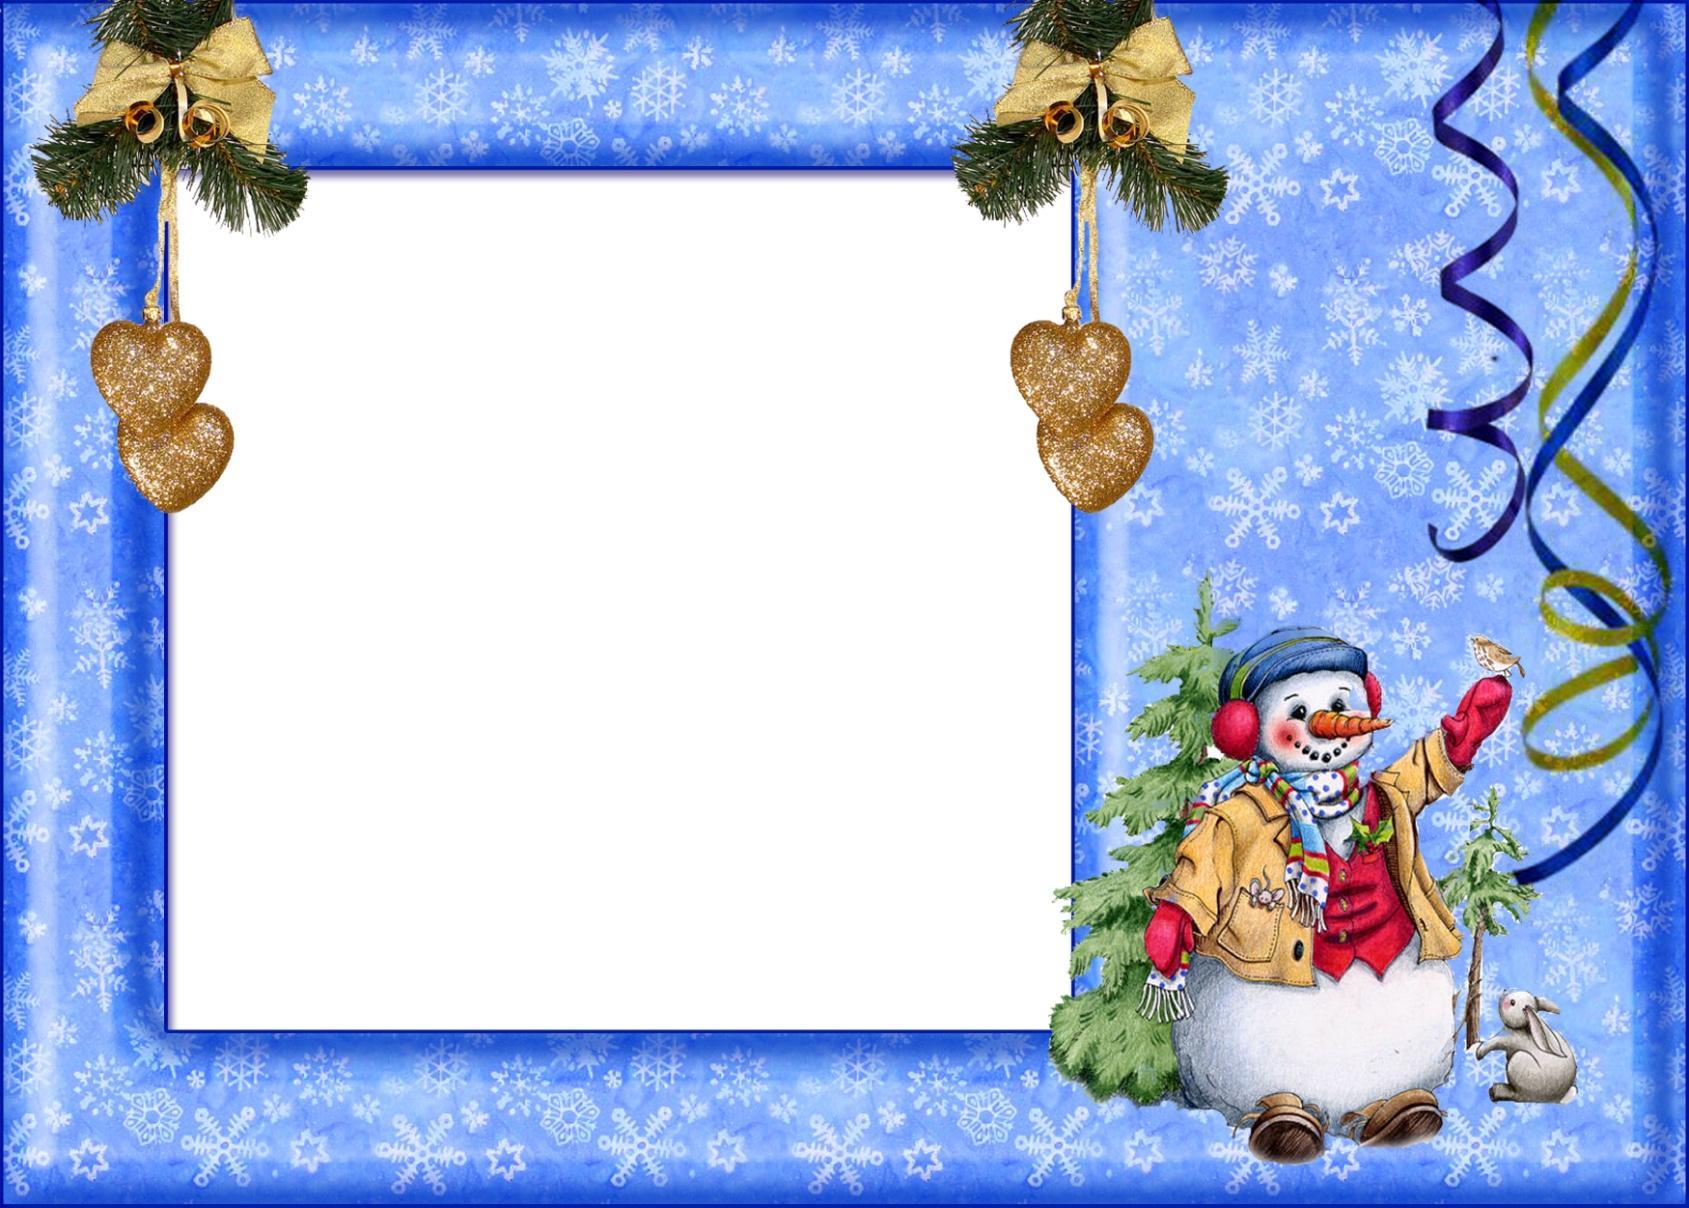 шаблон новогодних открыток в ворде время скачивания того